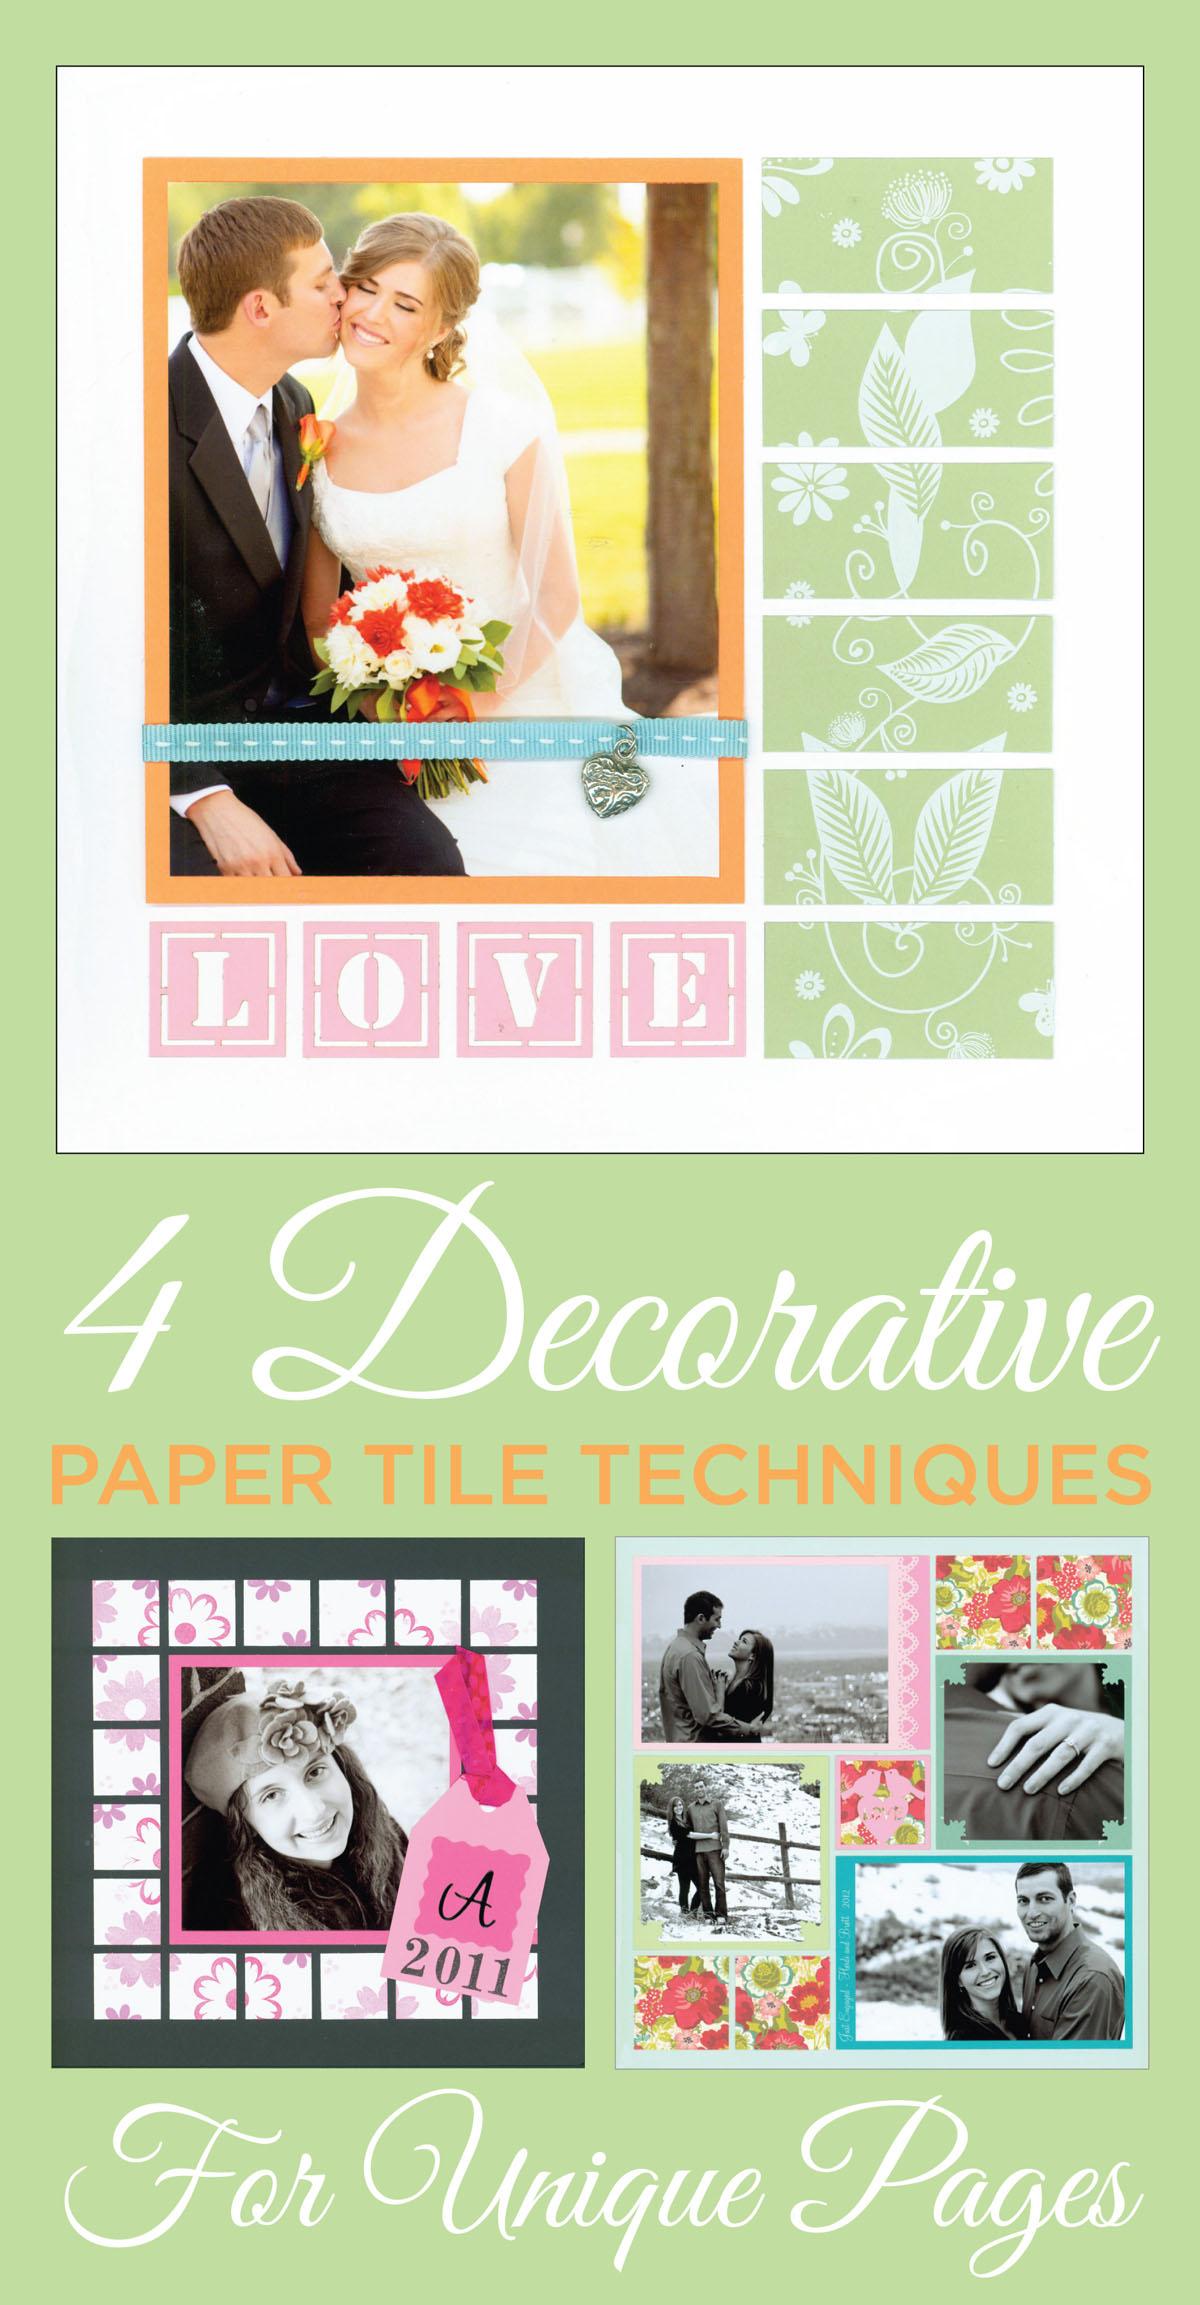 Paper Tile Techniques